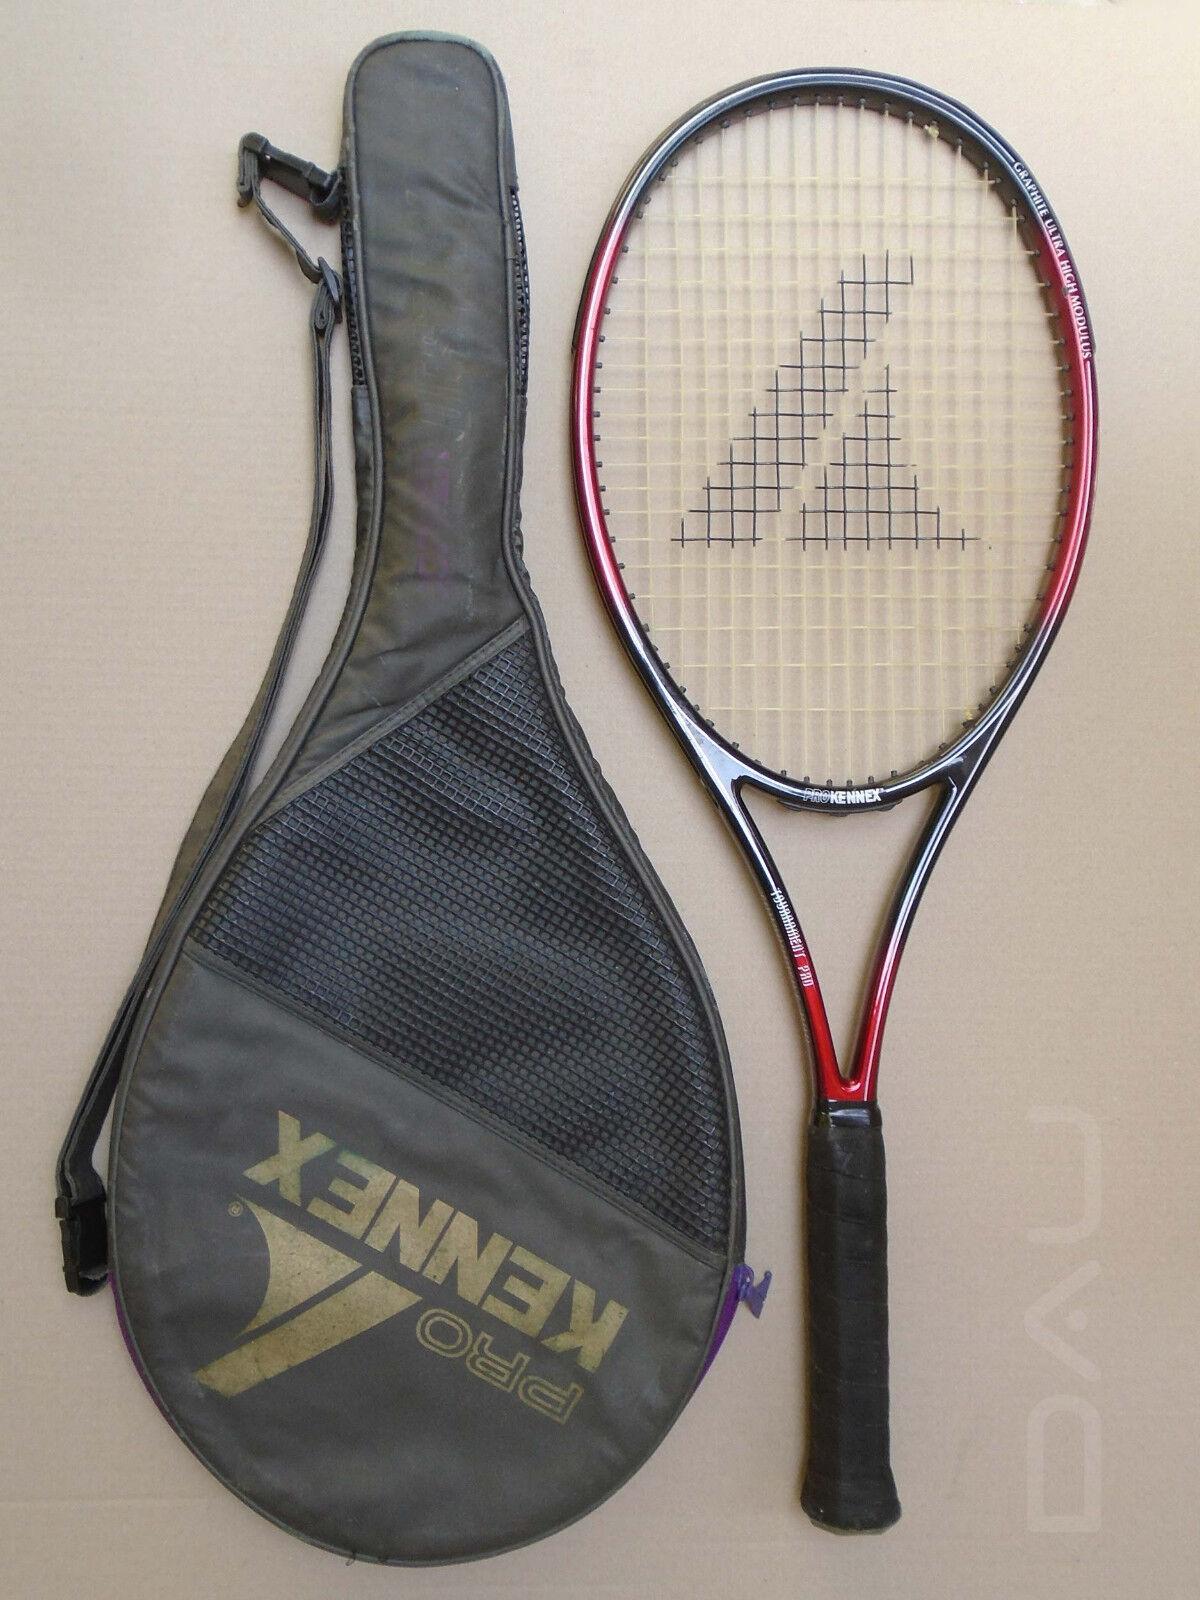 Pro Kennex torneo Pro  MP  raqueta Excelente, raro  compras online de deportes